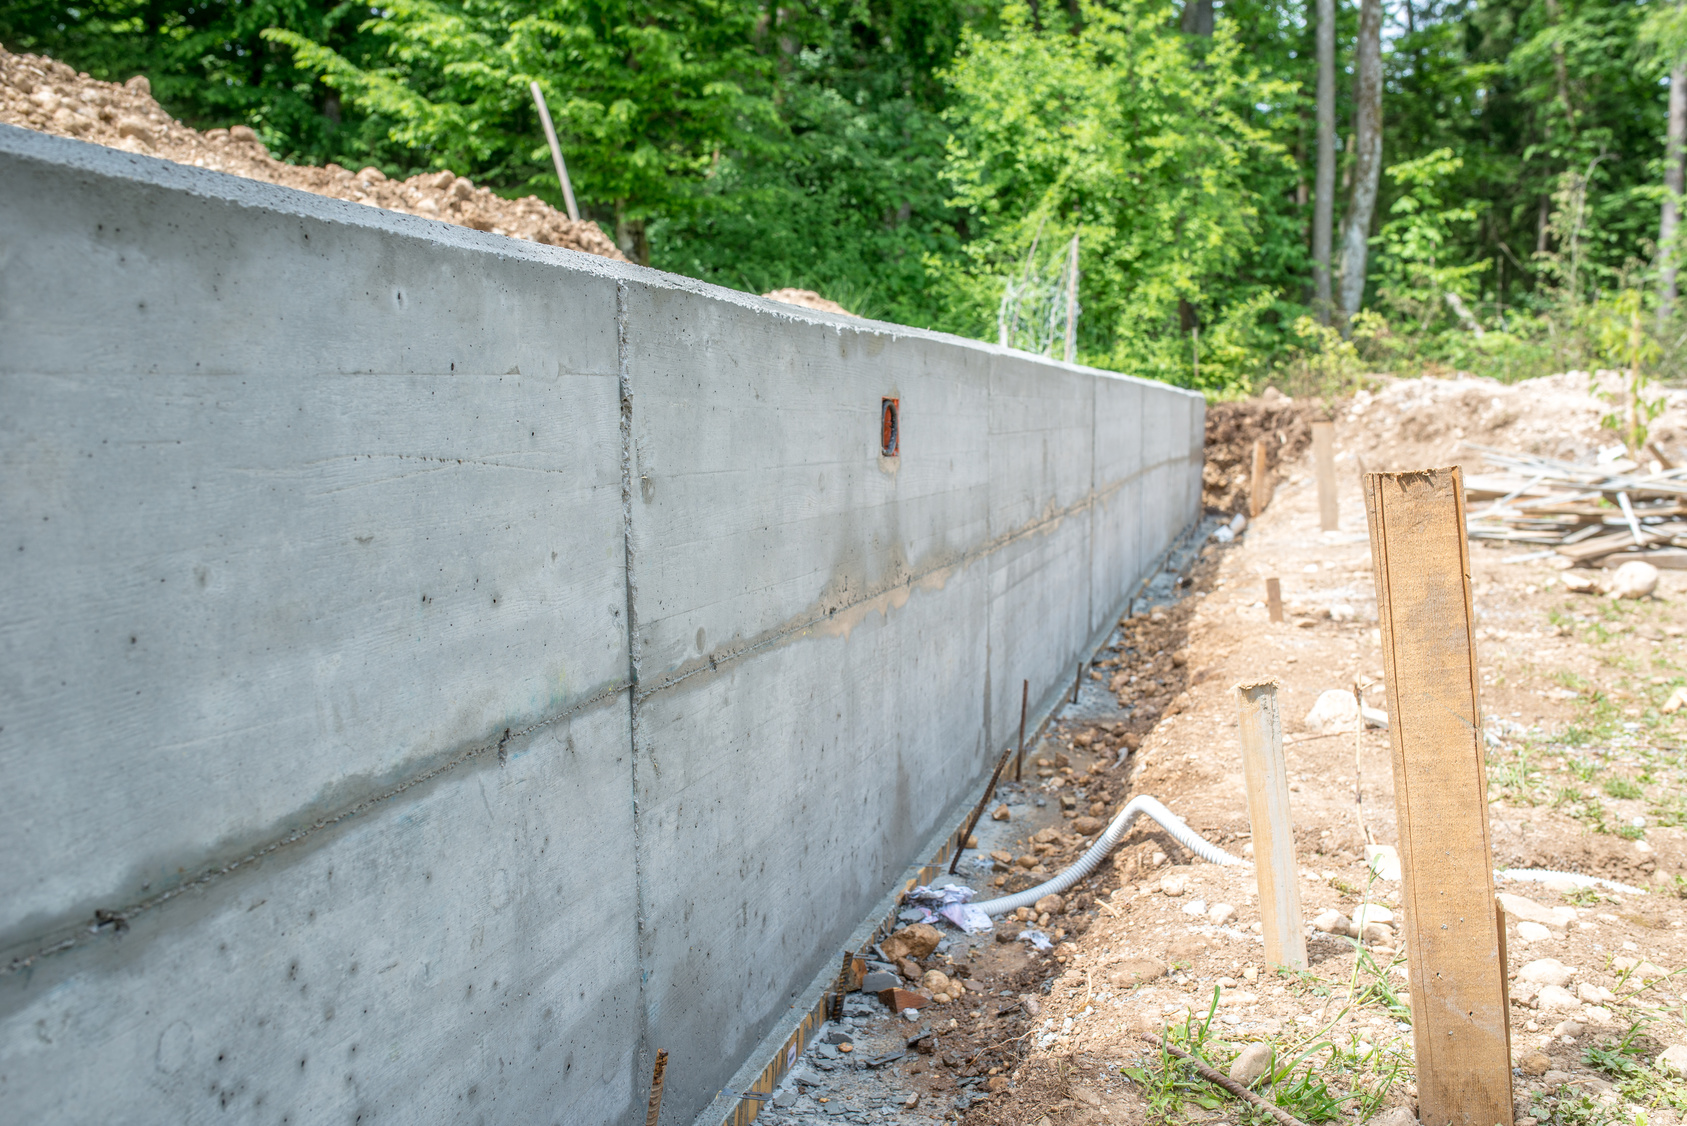 Mur de fondation tout ce qu 39 il faut savoir - Mur de fondation maison ...